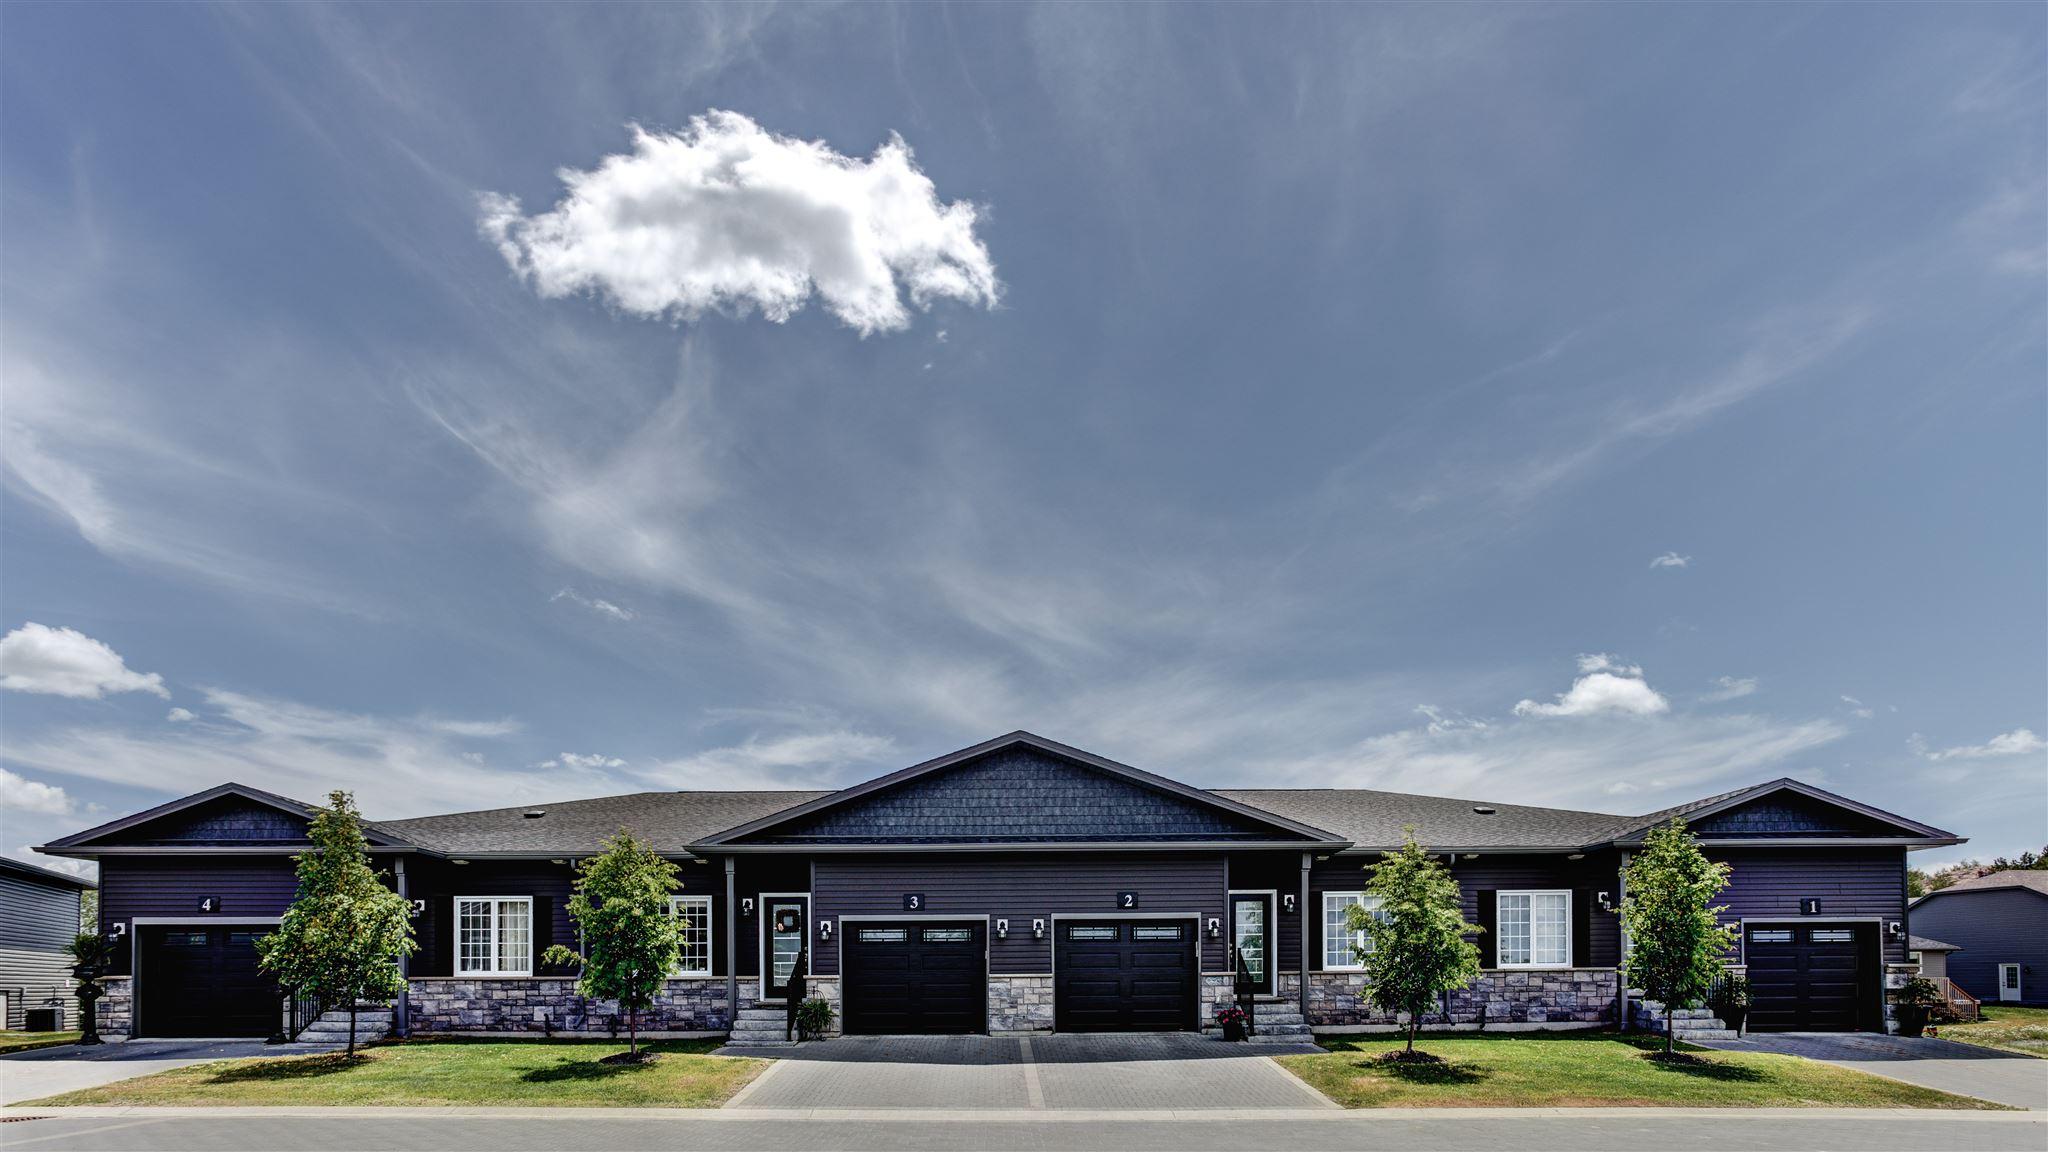 Bungalow: Billiards Green Luxury Townhome Rentals